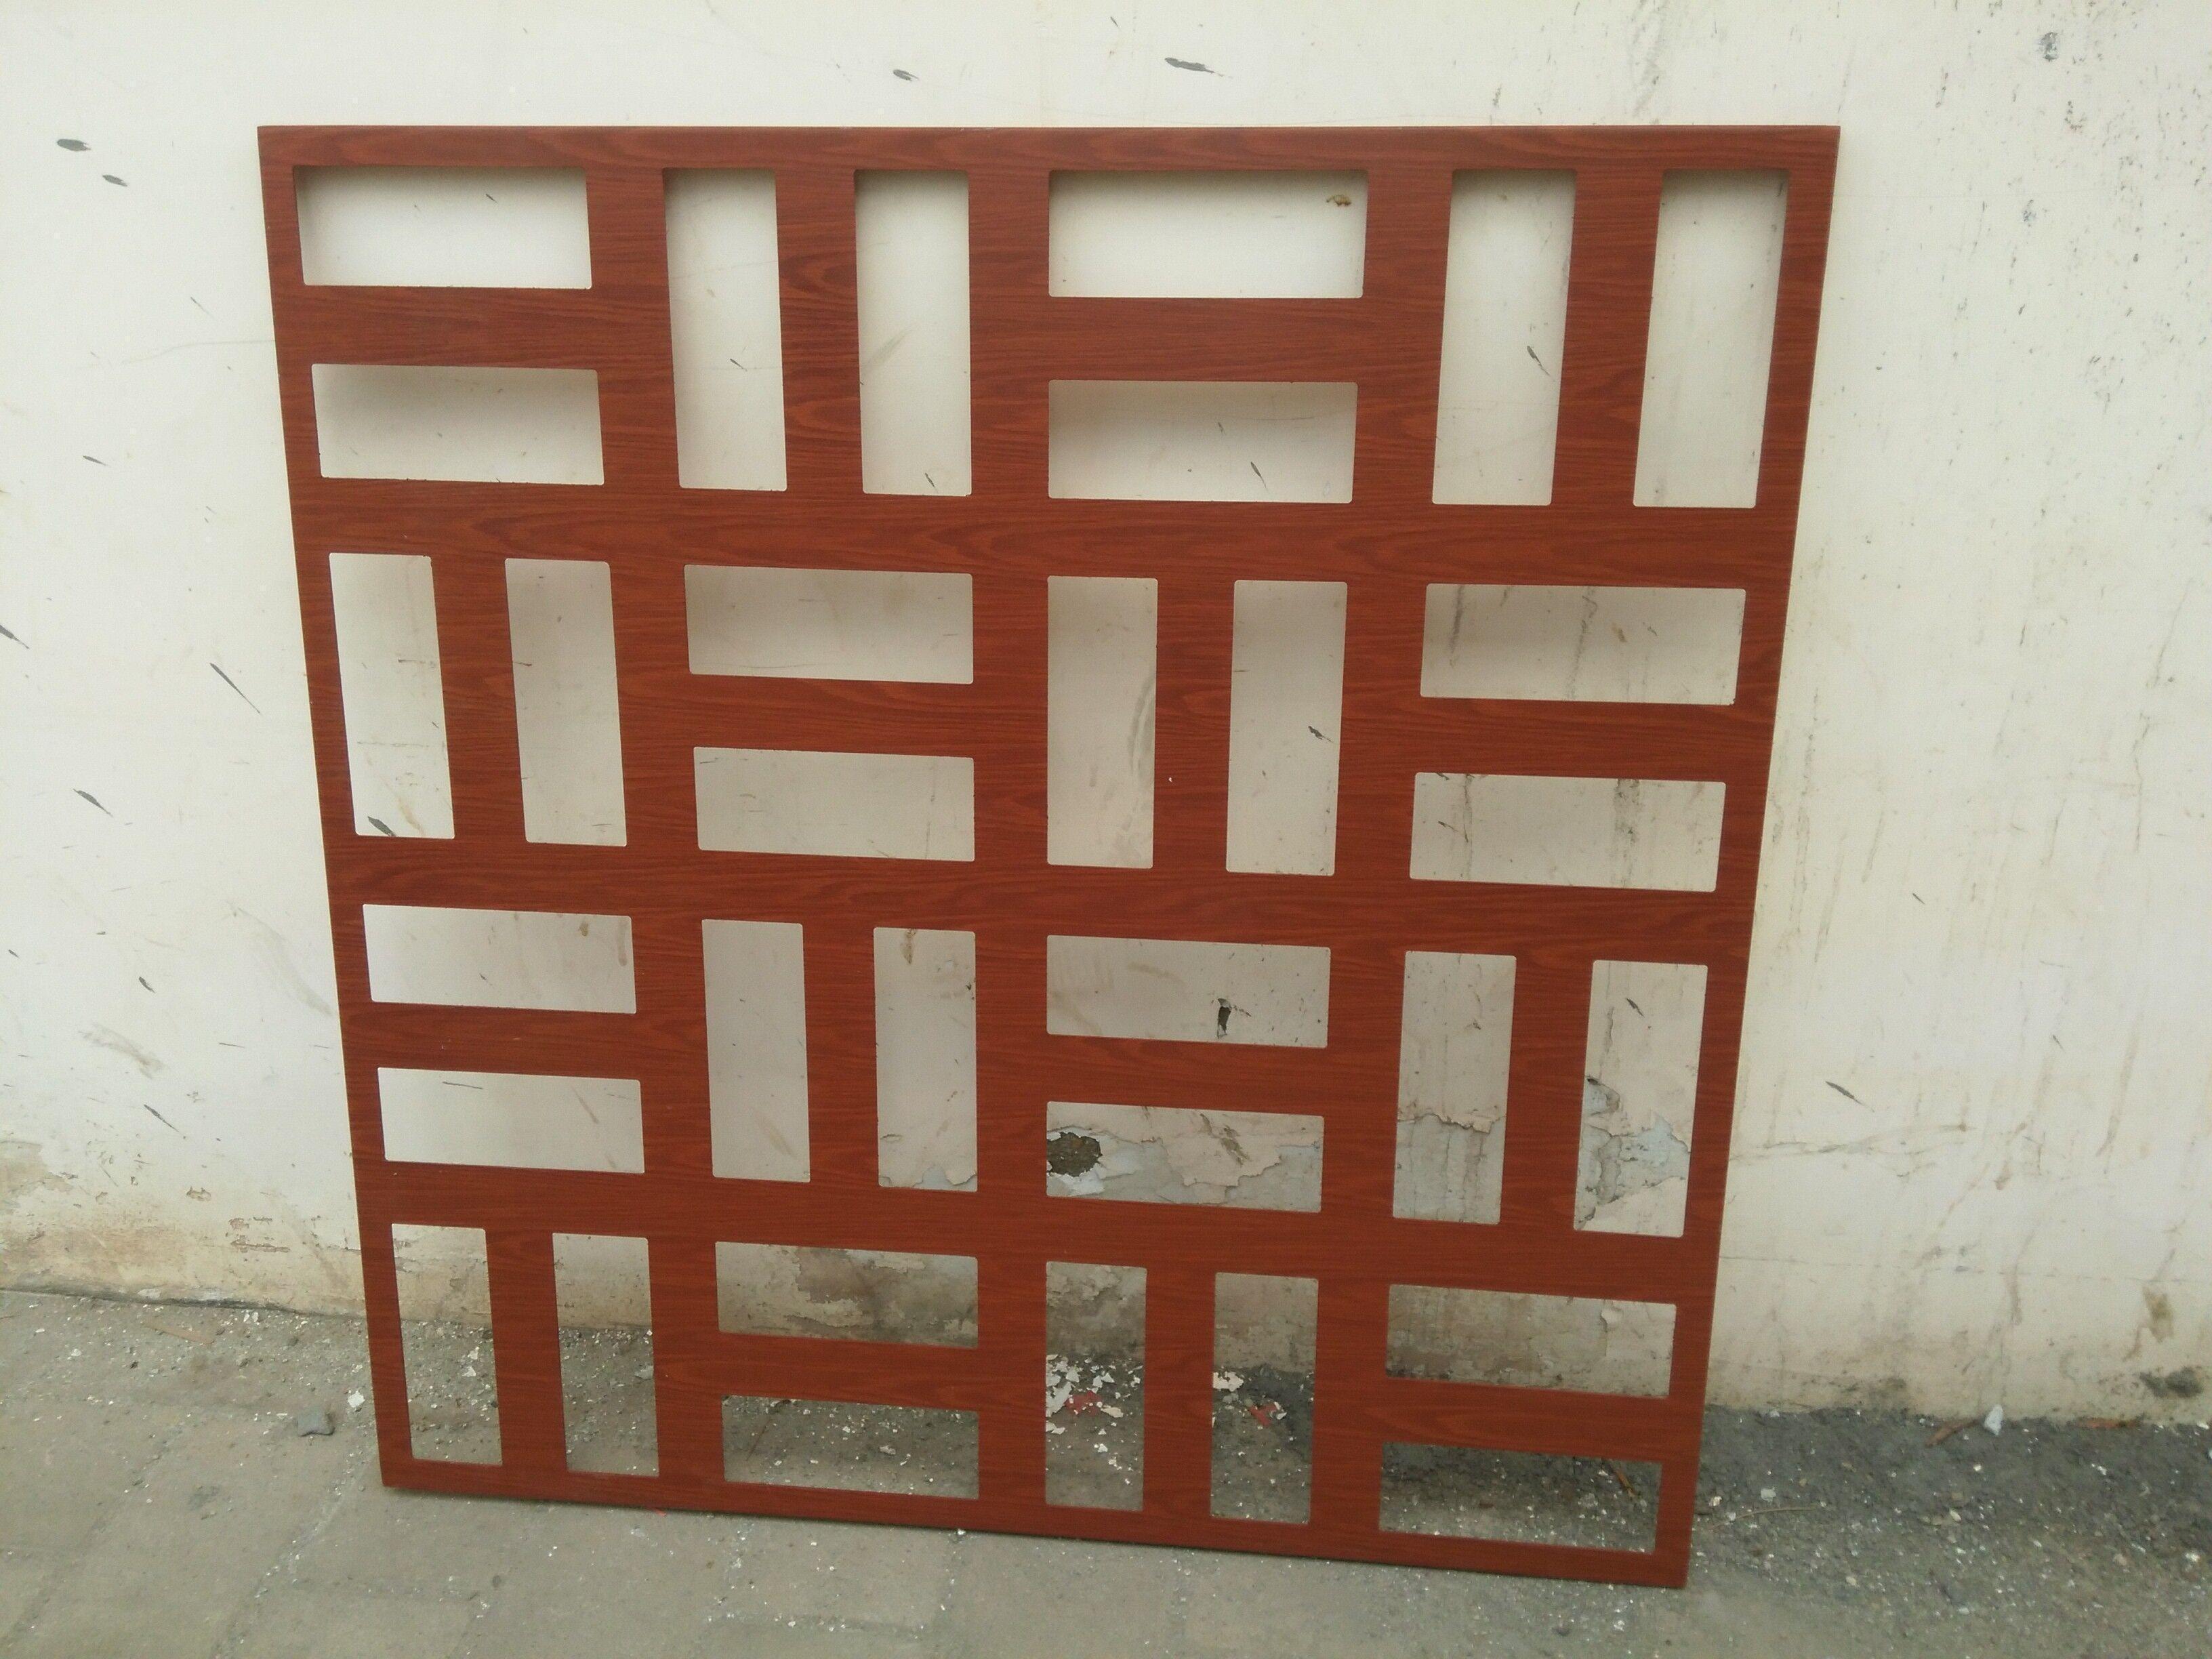 雕花鋁單板是以高級合金鋁板、鋼板、鐵板及其他合金爲主要材料,按工程現場設計的尺寸、形狀和構造形式經過電腦控制雕刻機或鐳射雕刻機精密雕刻、數控折彎等技術成型,確保板材在加工後能平整不變形,並在其表面氟碳噴塗的基礎上製作間距比例大小一致網格的一種高檔金屬裝飾材料。常規金屬雕刻機的雕刻刀最小爲8mm,故在設計圖案時圖案間隙最小一般不得小於10mm,對於間隙小於8mm或雕刻要求極高的雕花板,那就要使用鐳射雕刻了。用於隔斷或幕牆造型的雕花板一般使用2.